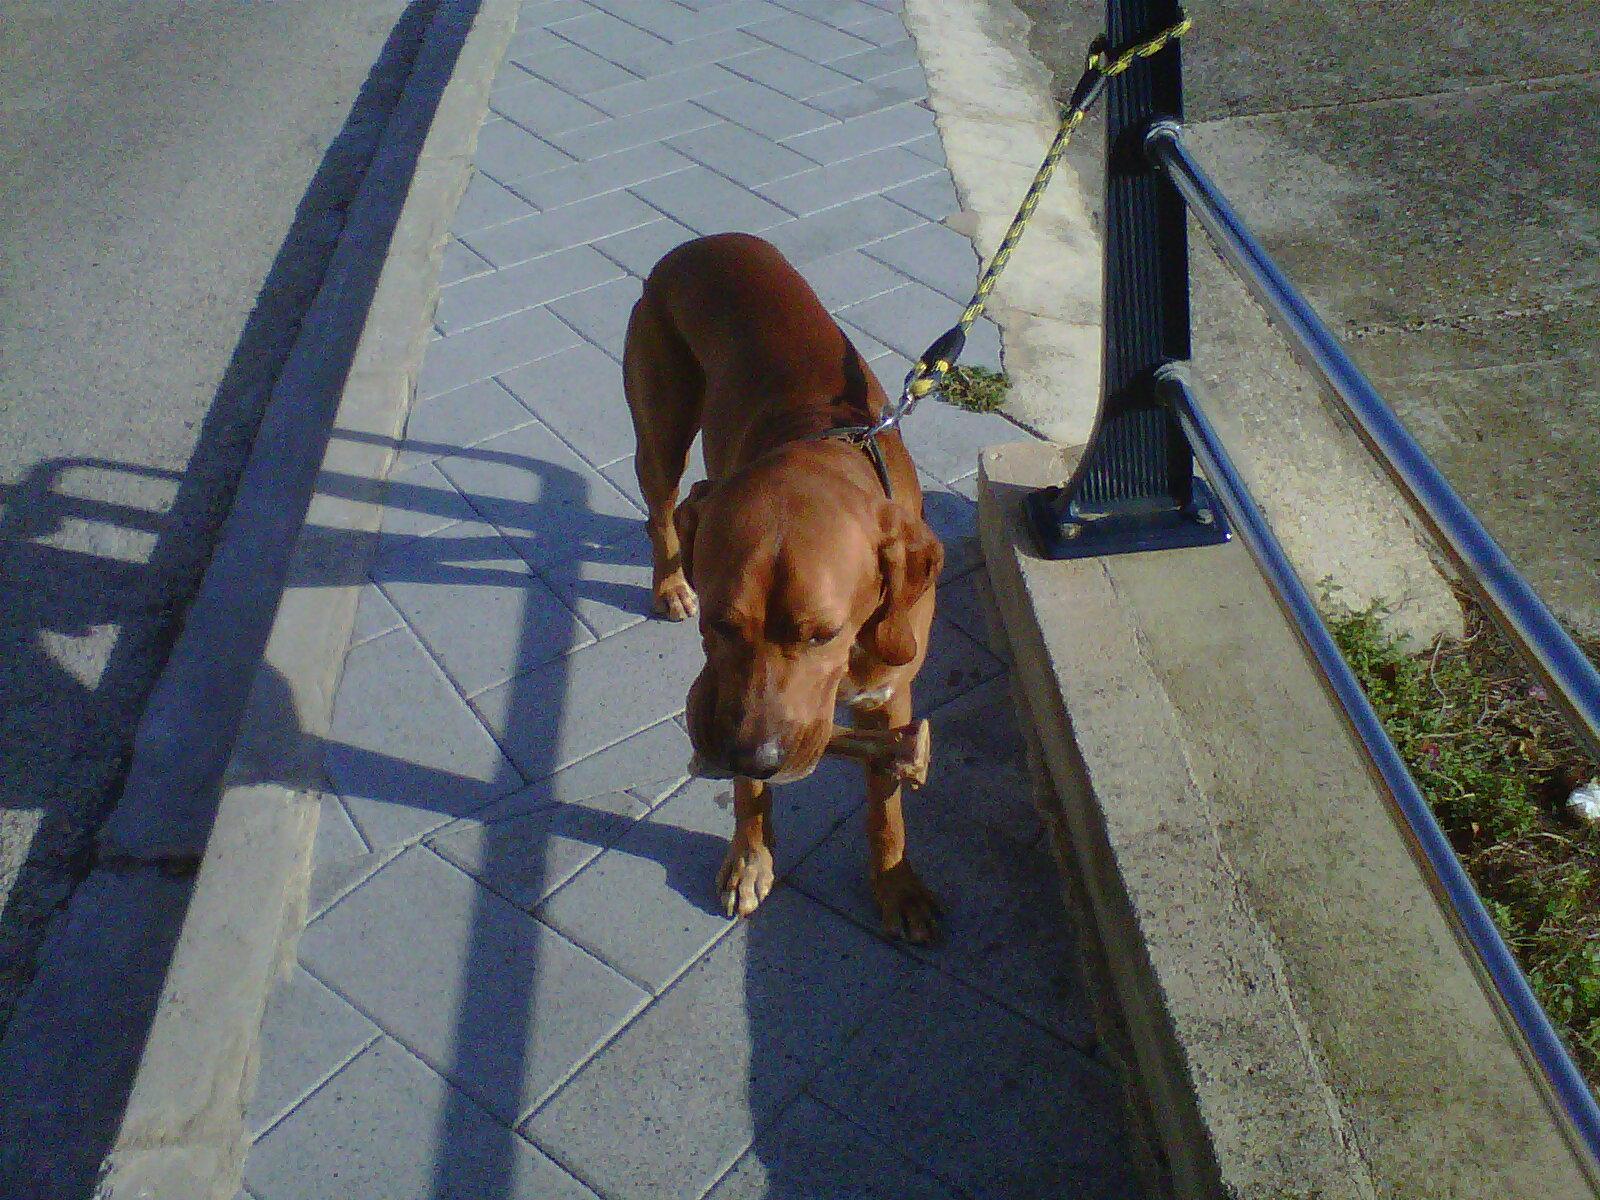 El estanque de la memoria poes a actual el perro que for Estanque para perros